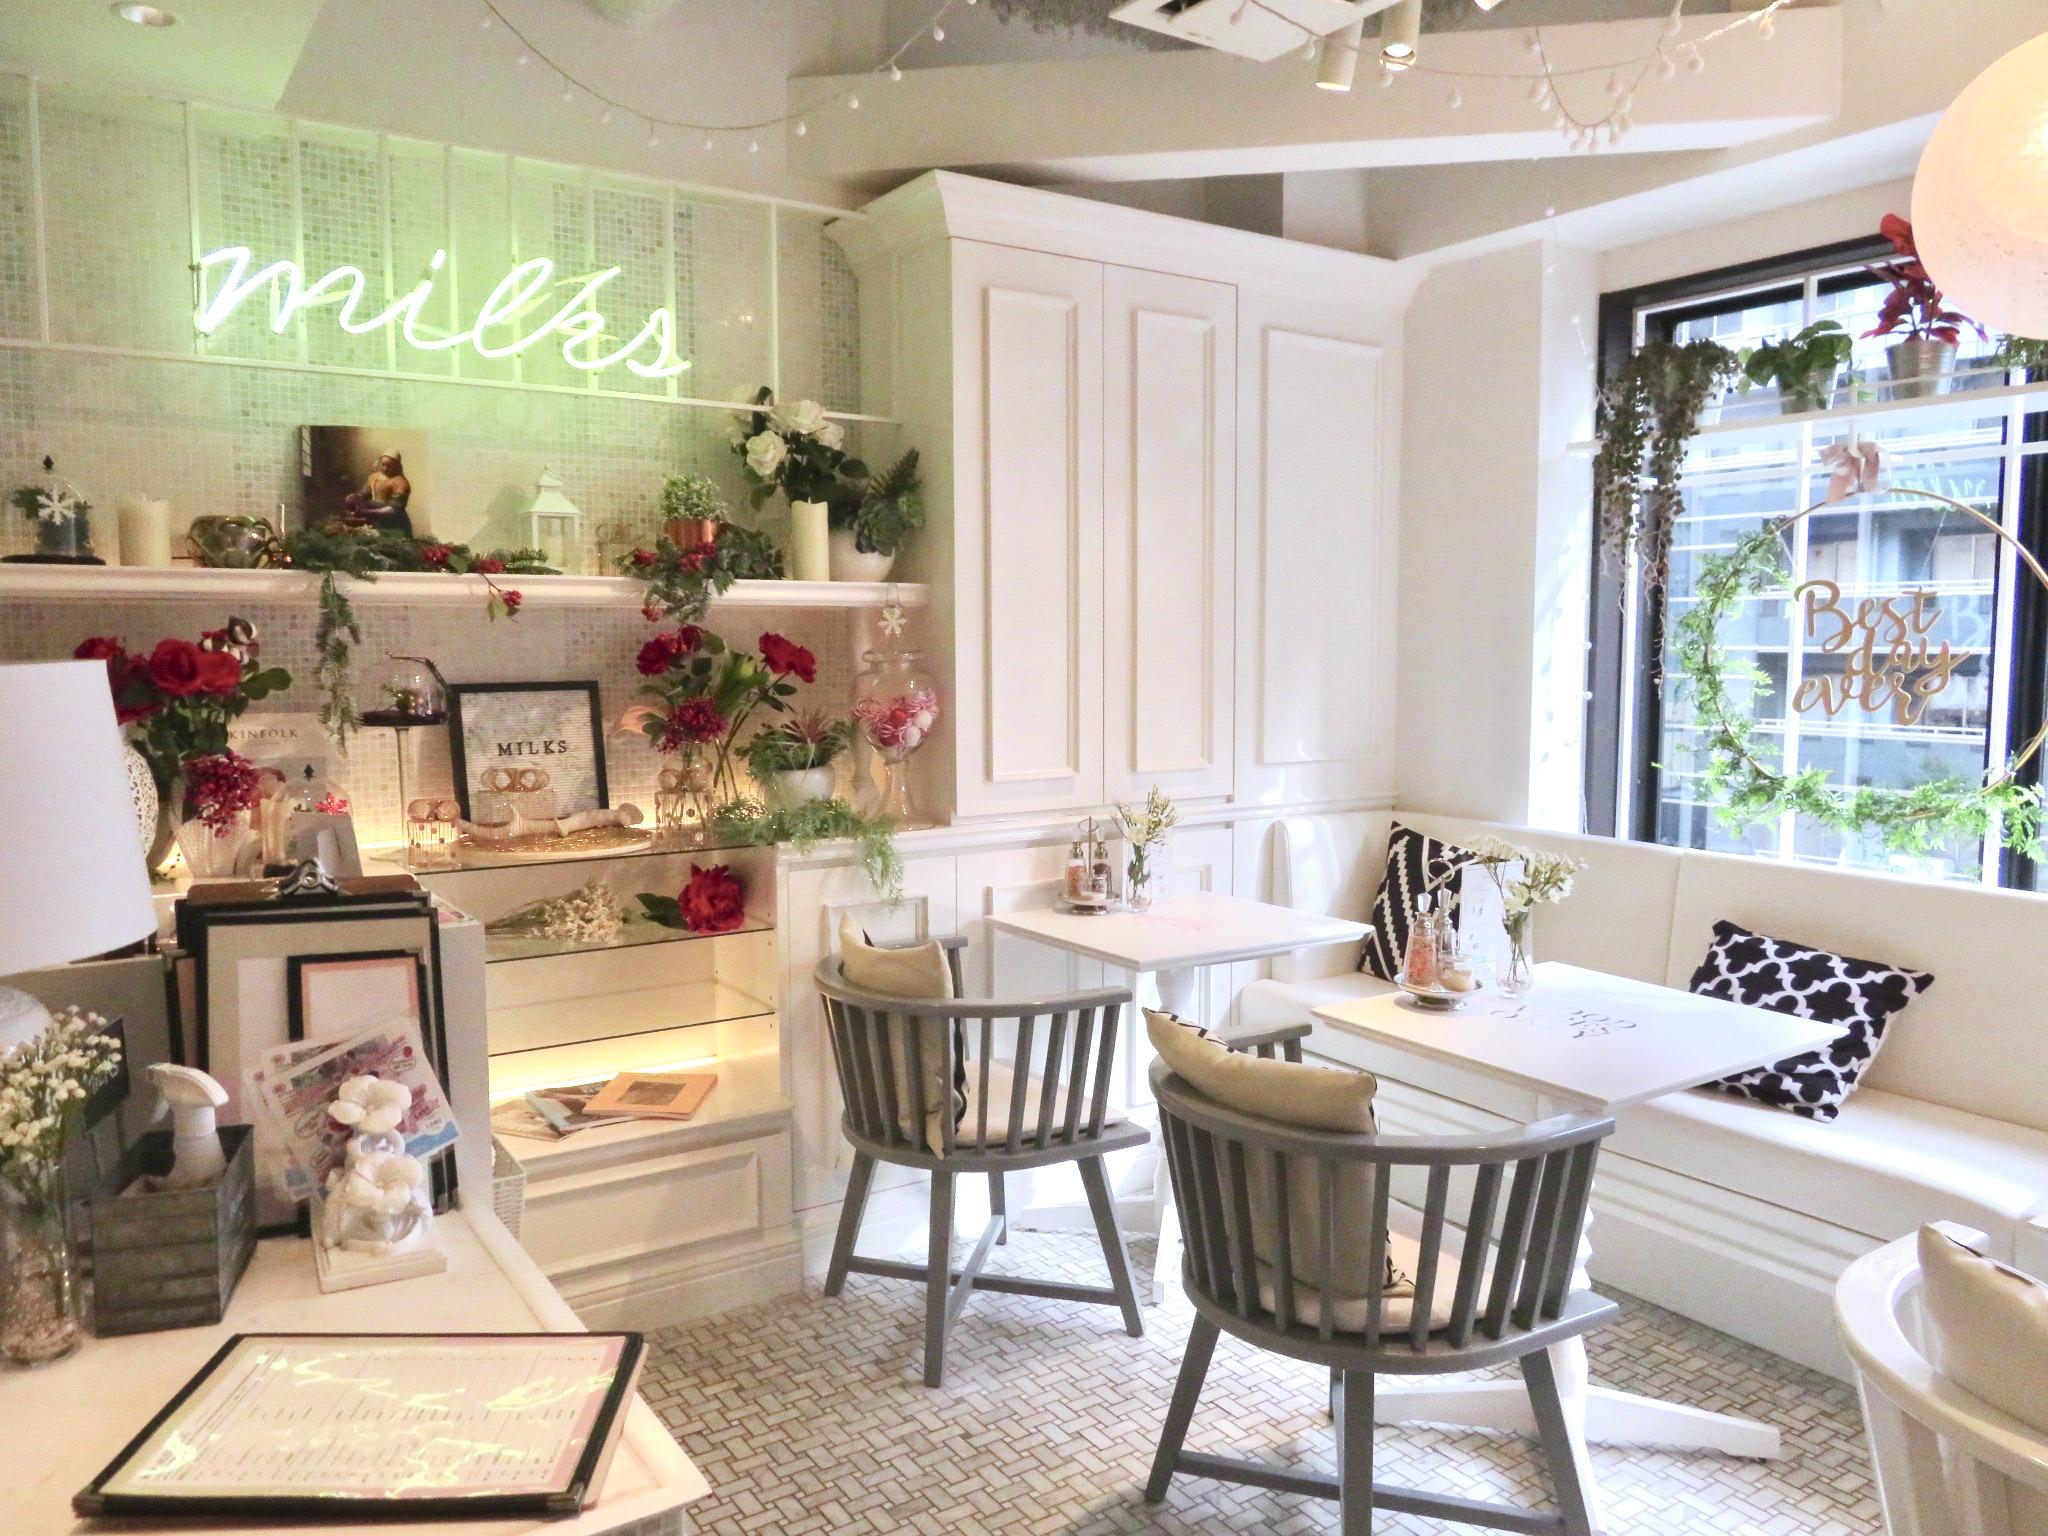 「ソフトクリーム+お酒」恵比寿のカフェ『MiLKs(ミルクス)』の画像10